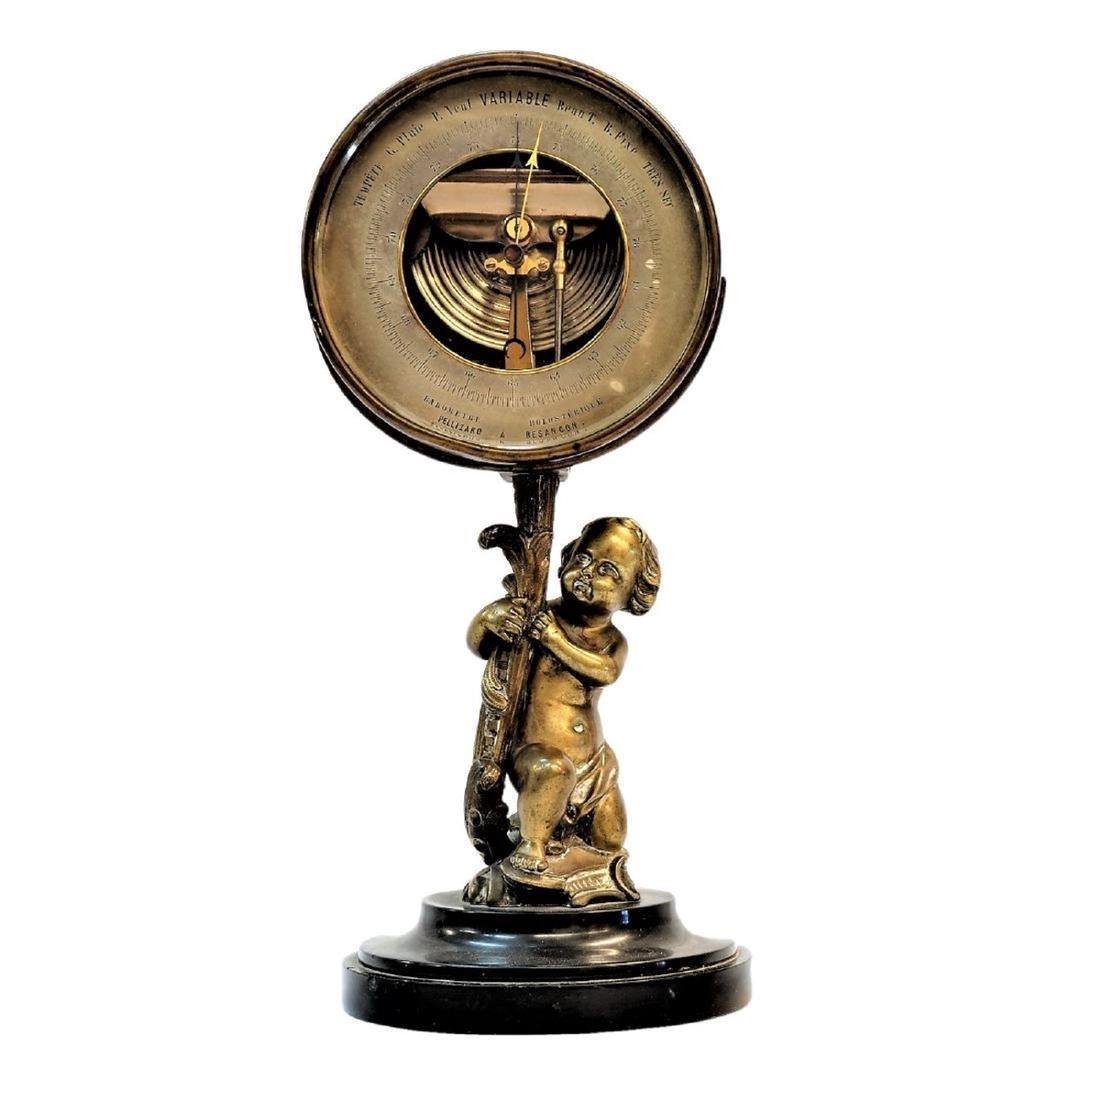 French bronze cherub holding barometer